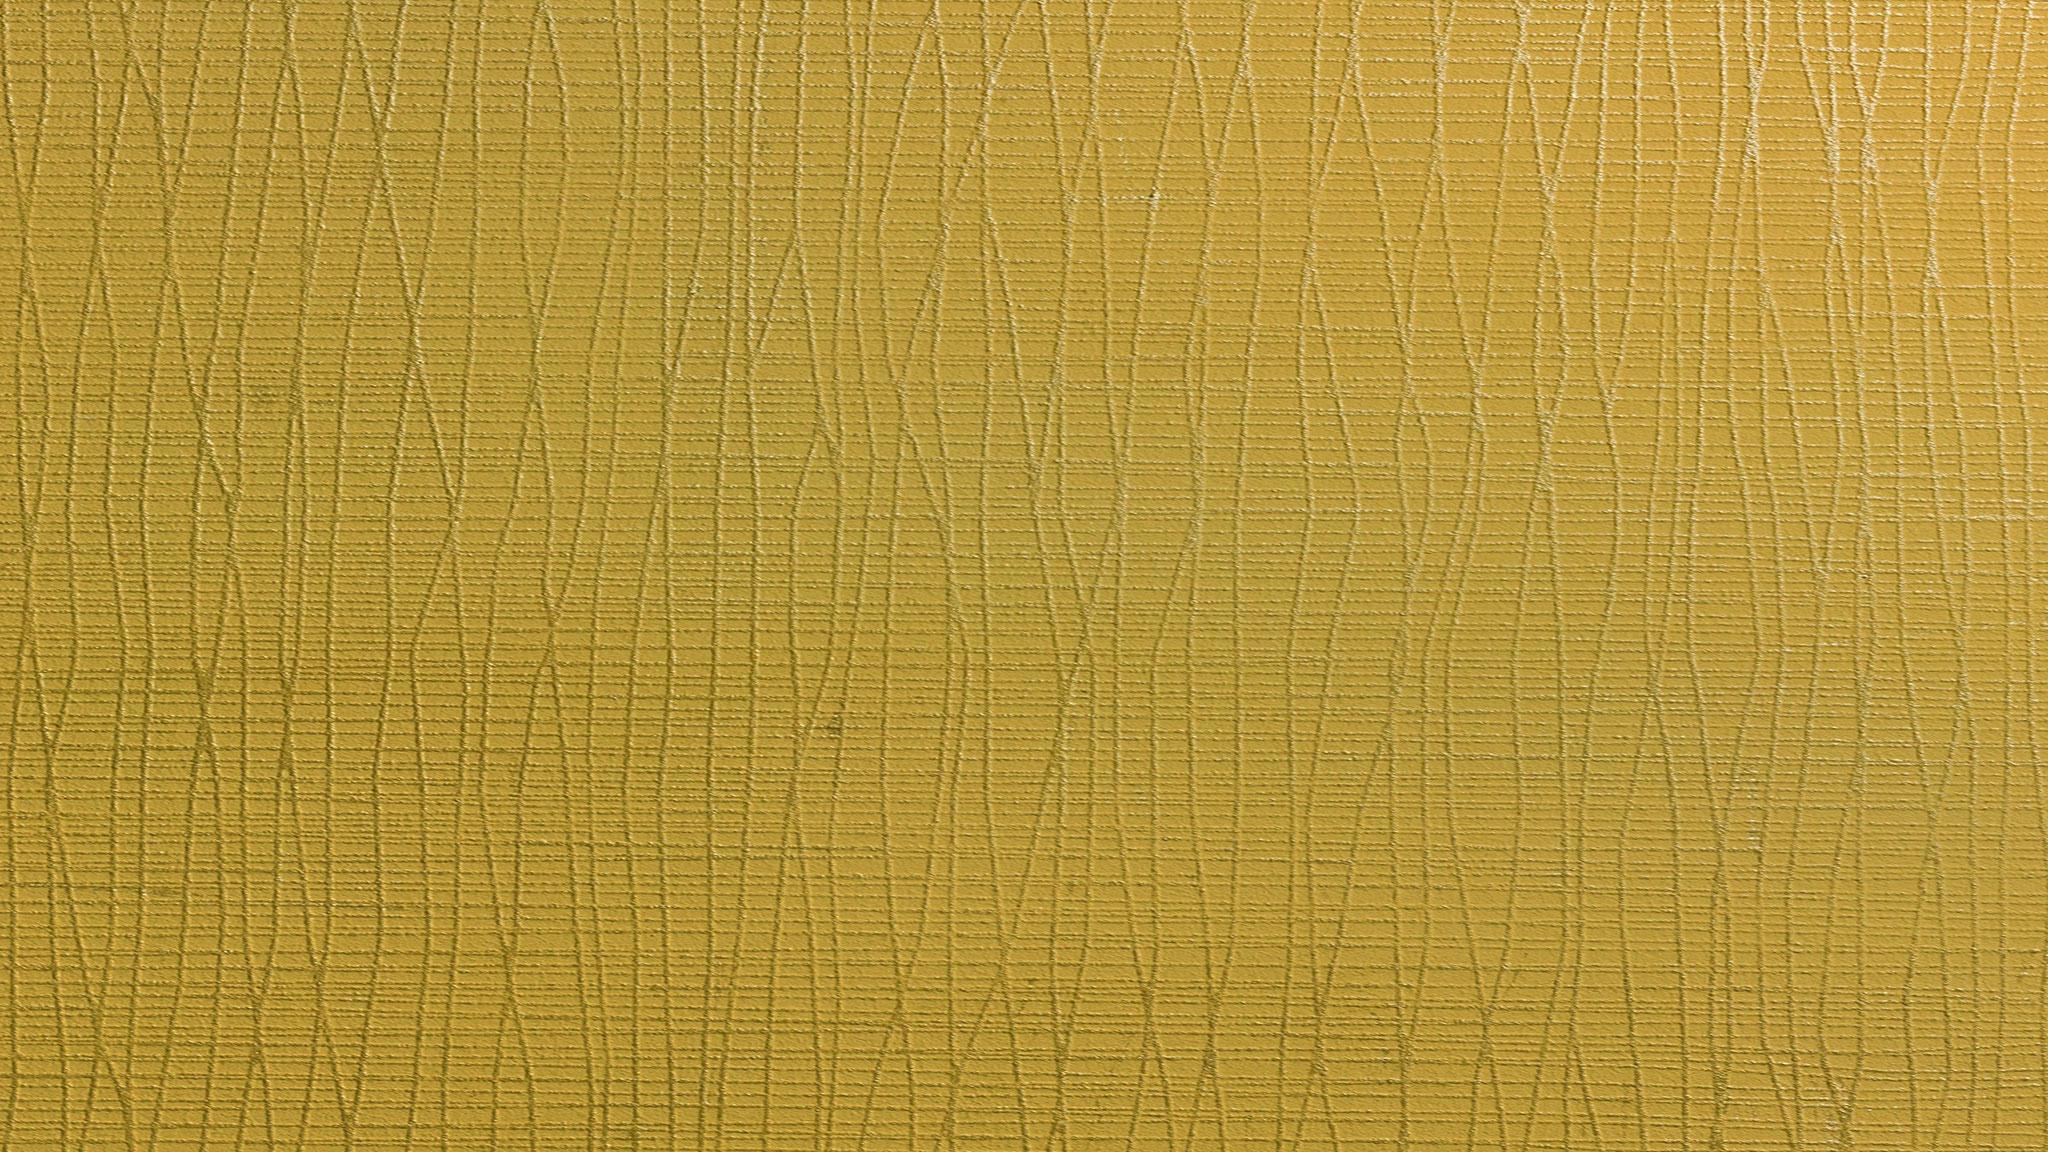 Strings - Auf dieser Relieftapete werden Fadenmuster modern interpretiert. Farbtöne: ic116,37804M